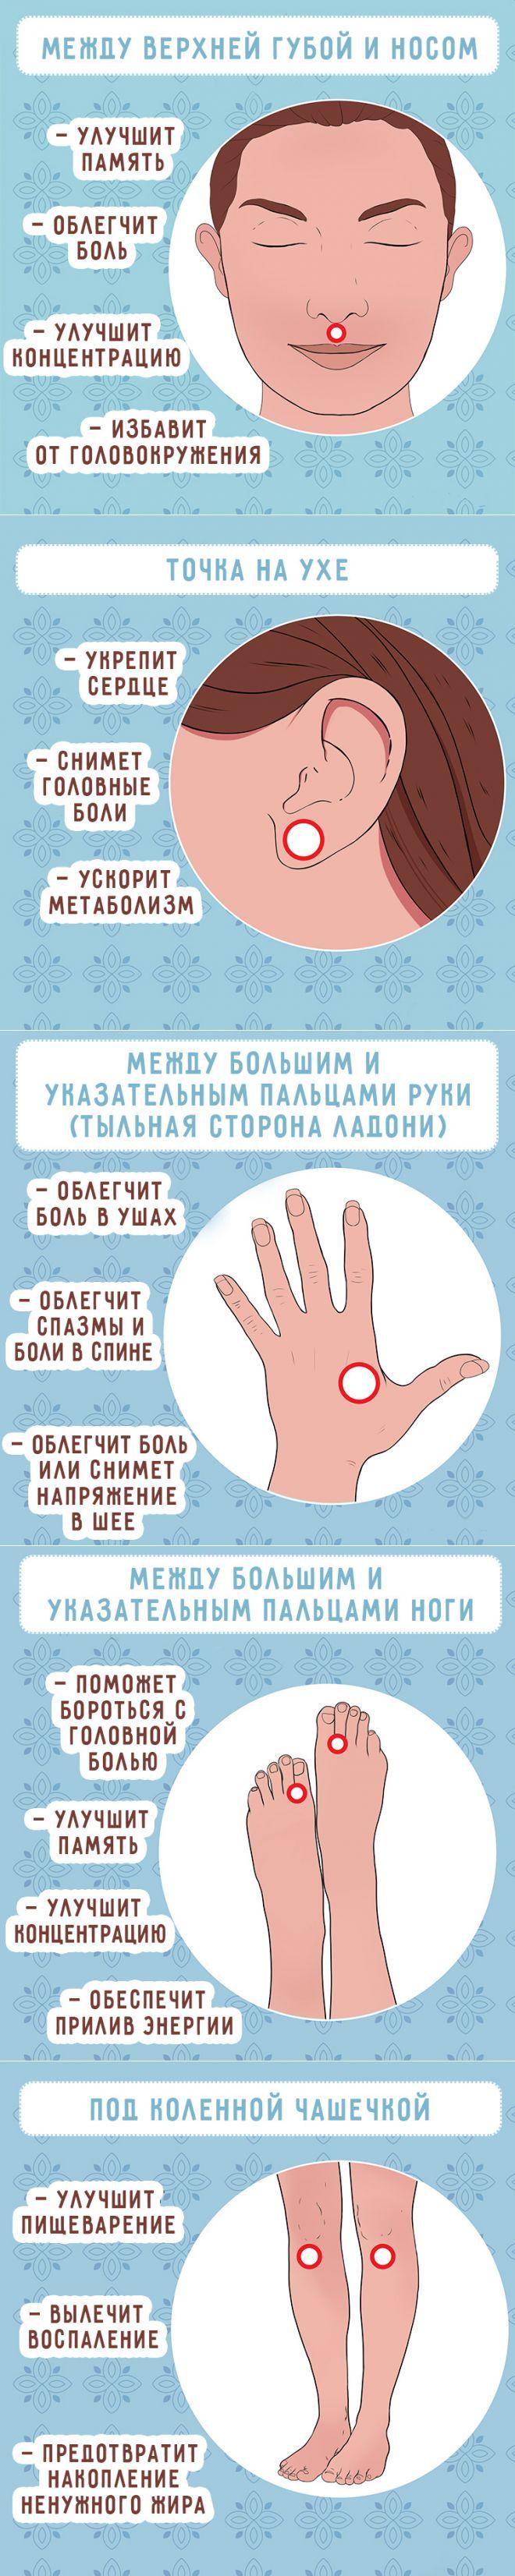 Самомассаж для крепкого здоровья: 7 активных точек